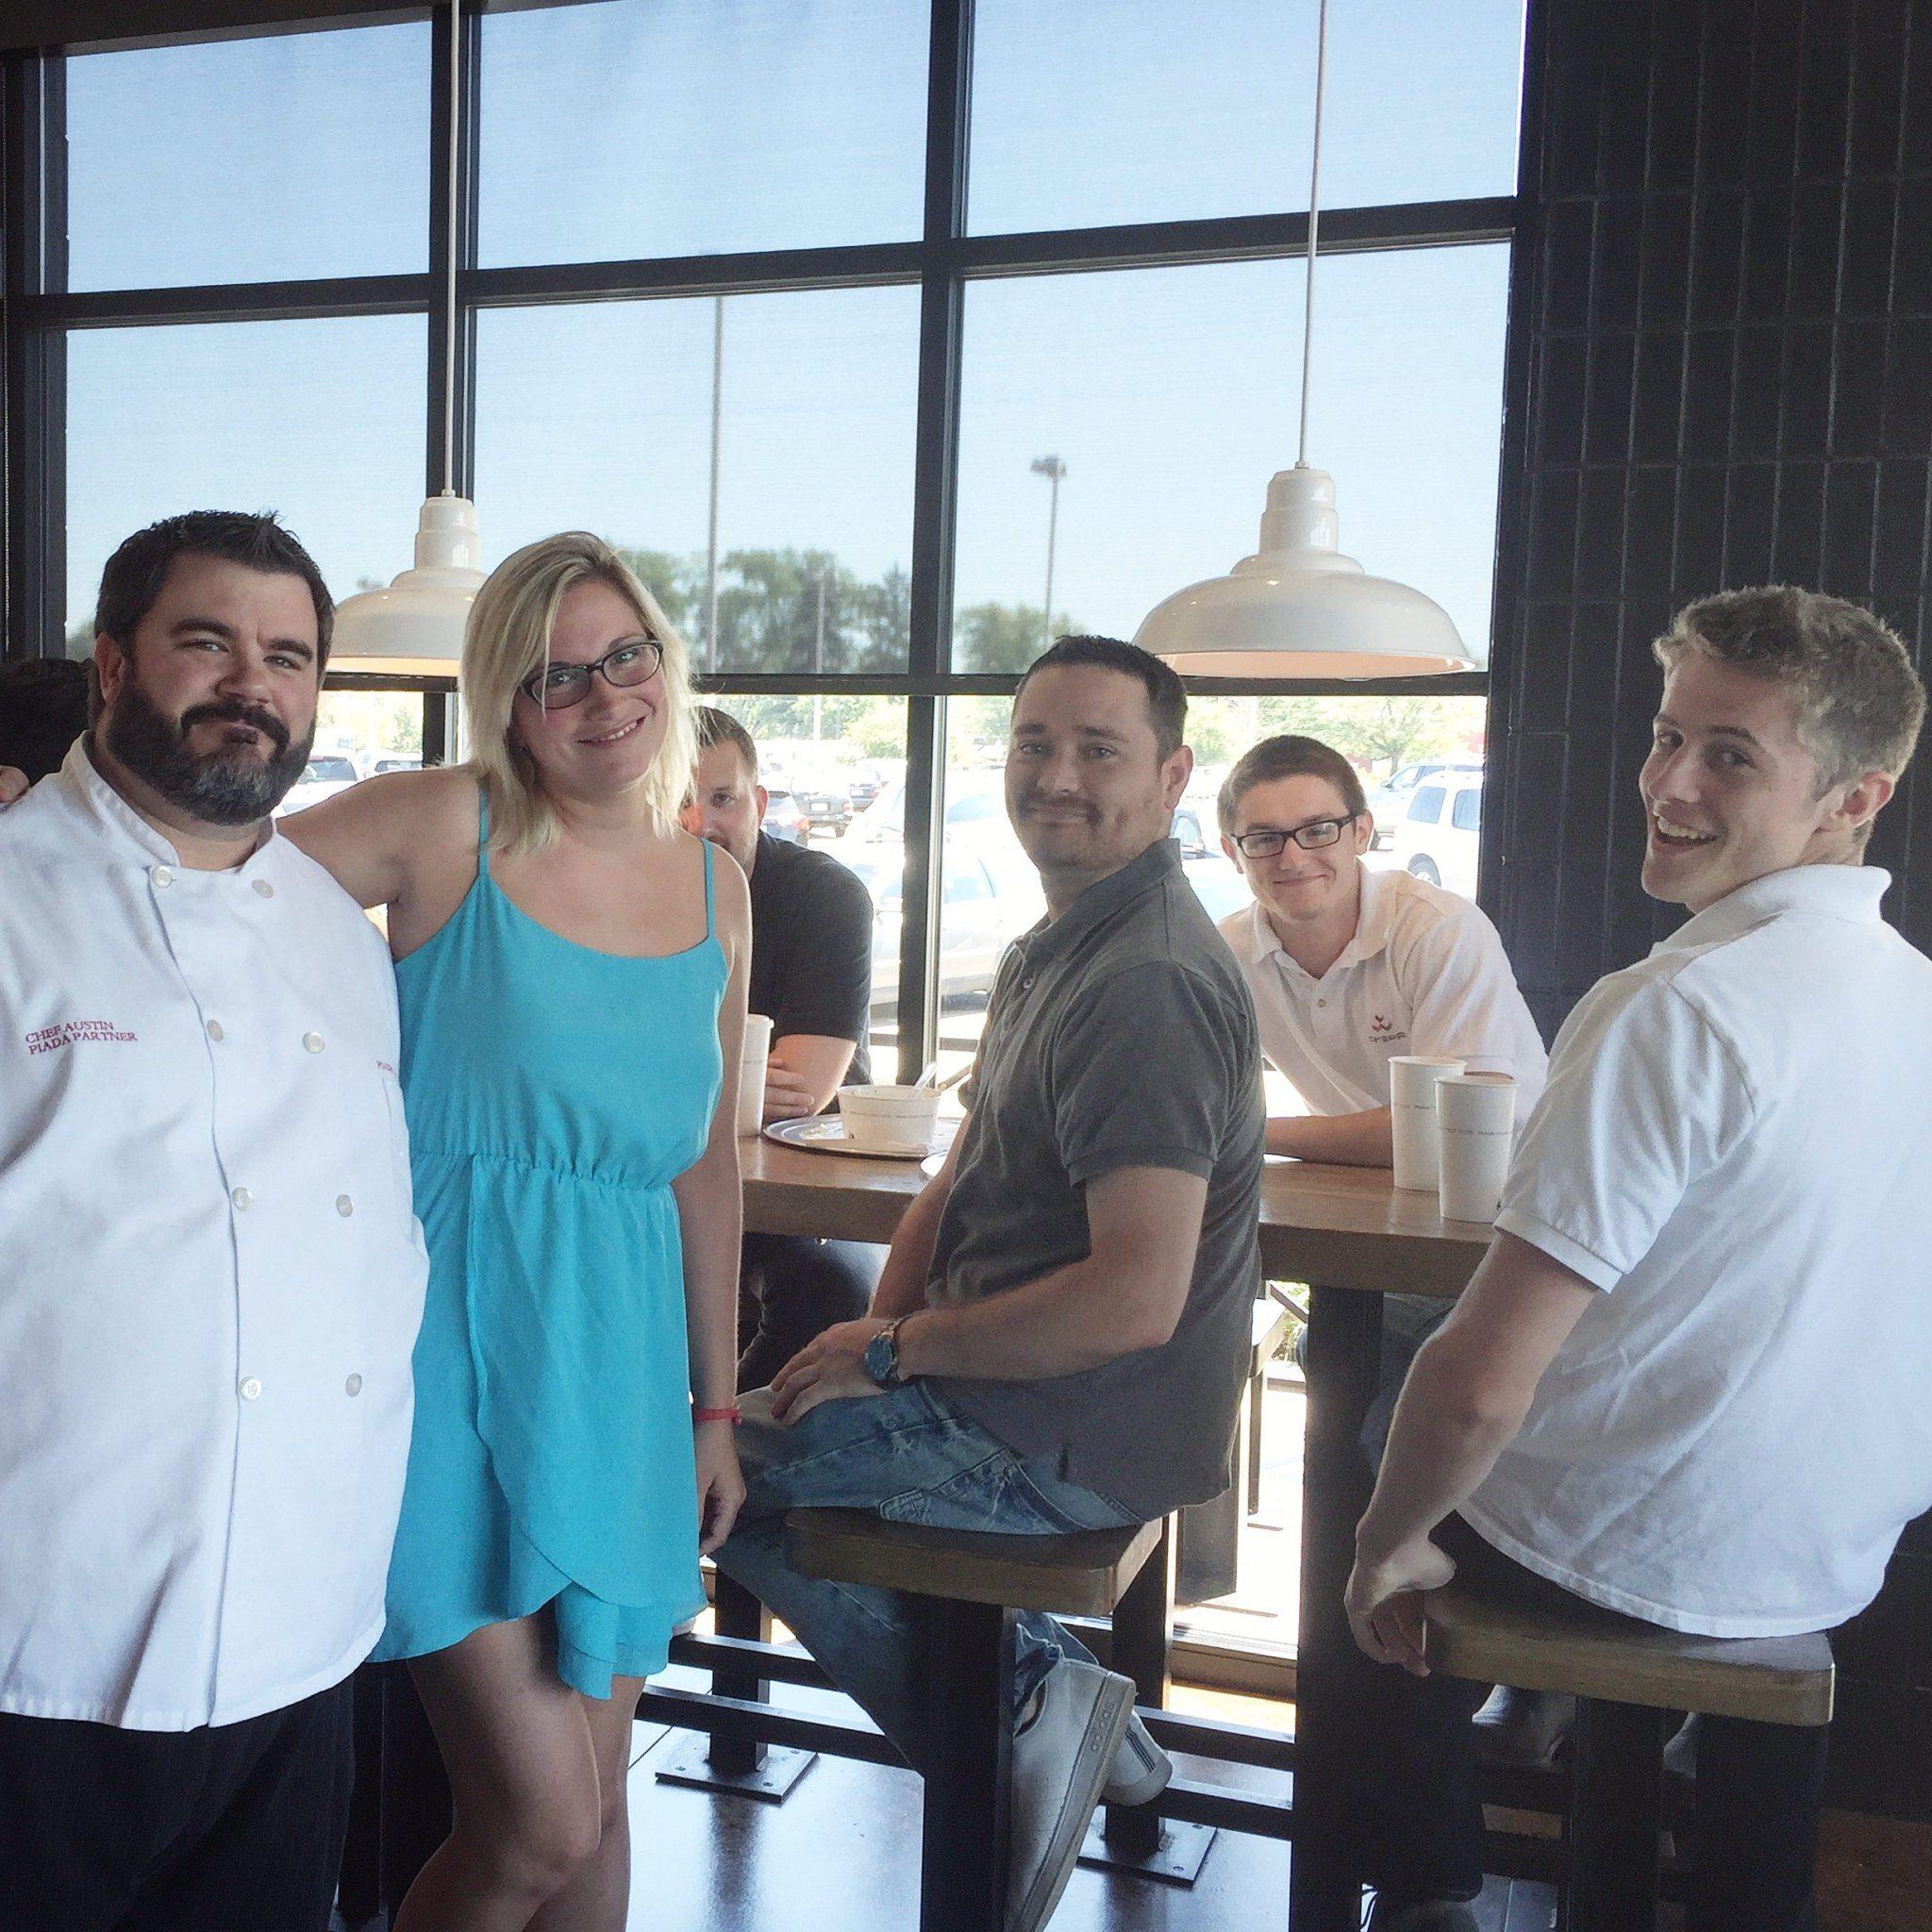 Chef Austin Piada